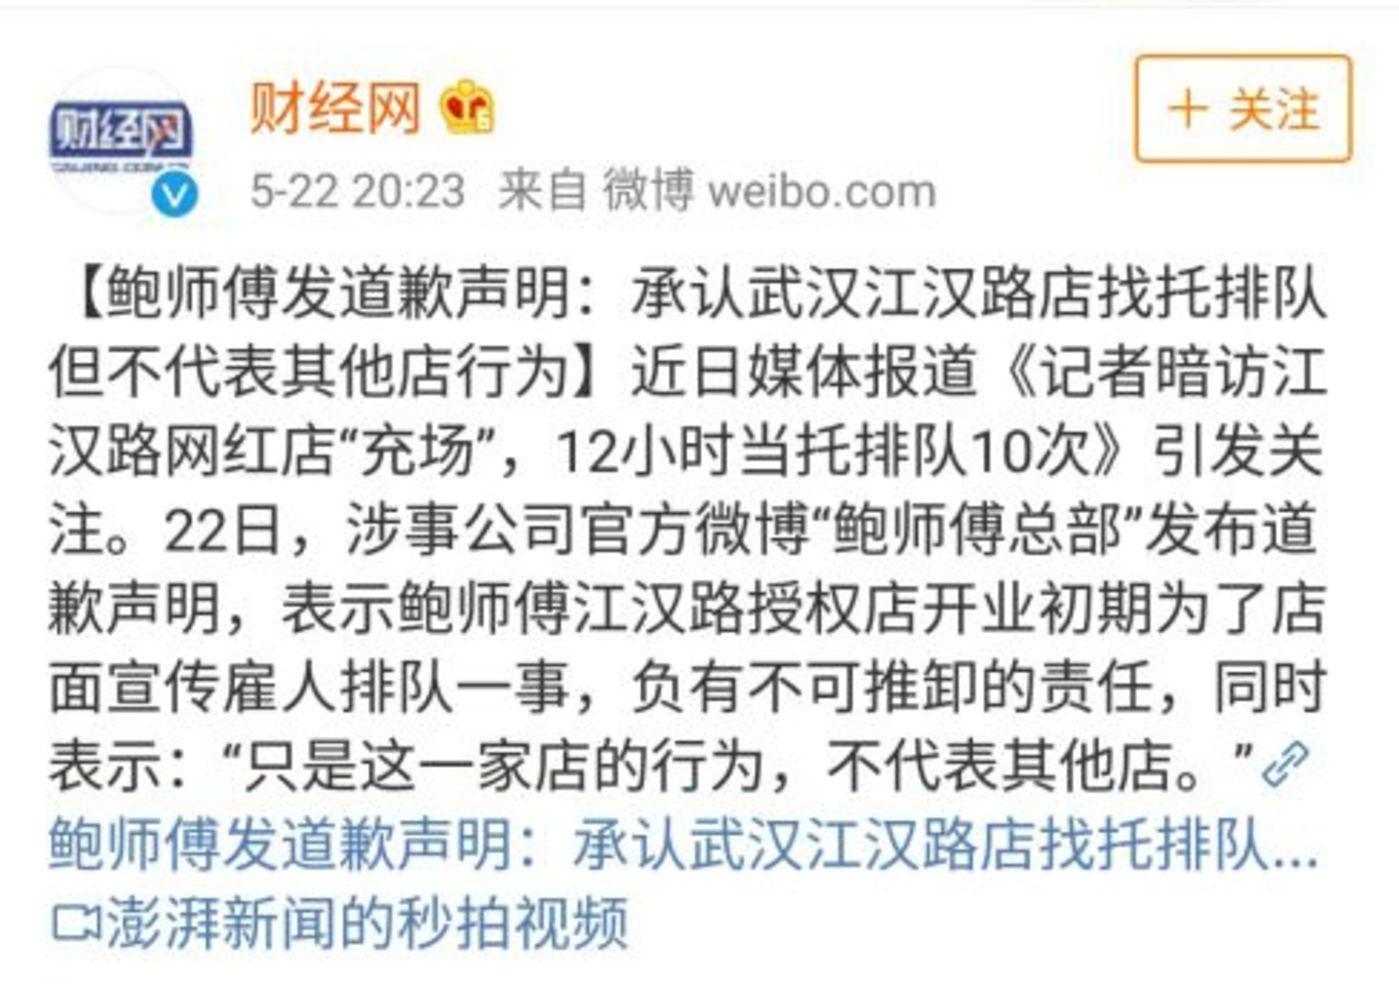 图片来源微博,此店为北京易尚餐饮管理有限公司的鲍师傅,并非鲍有才的鲍师傅。